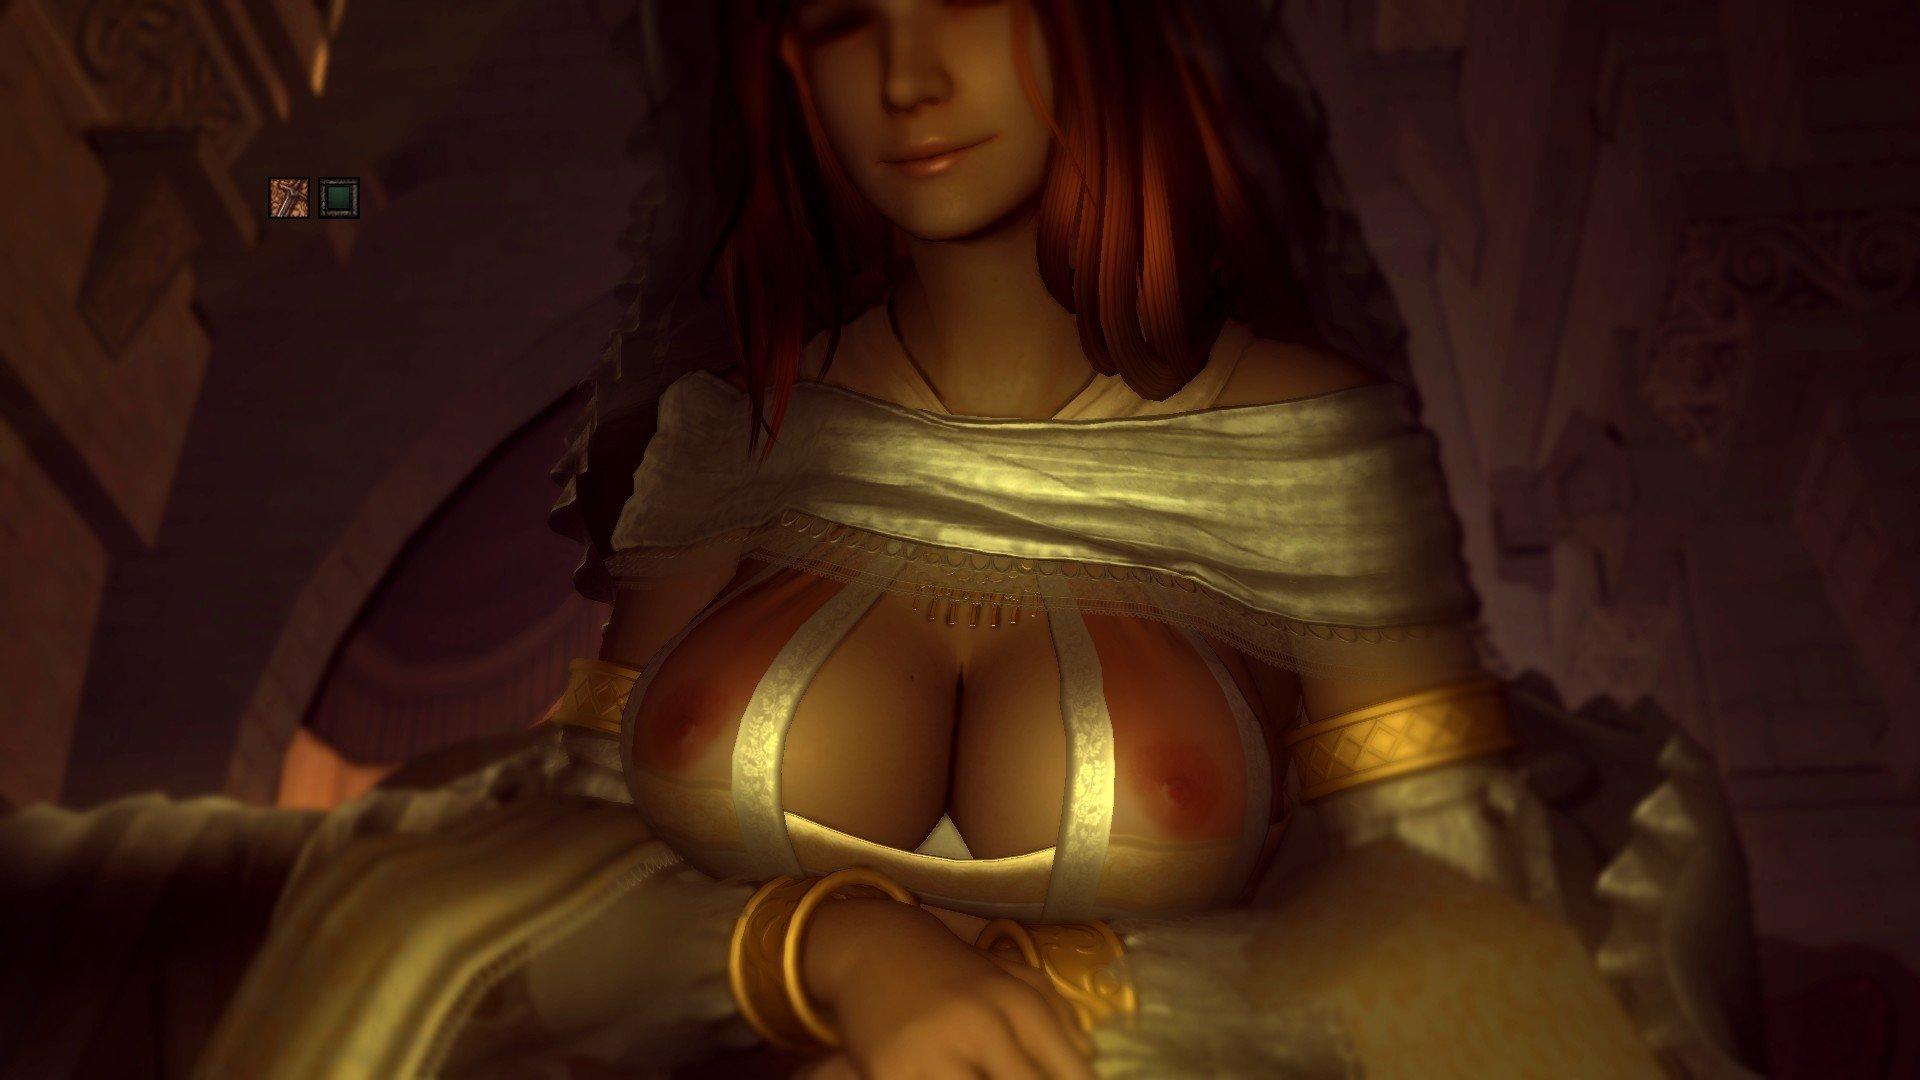 Порно гифки - красивые девушки на гифках бесплатно